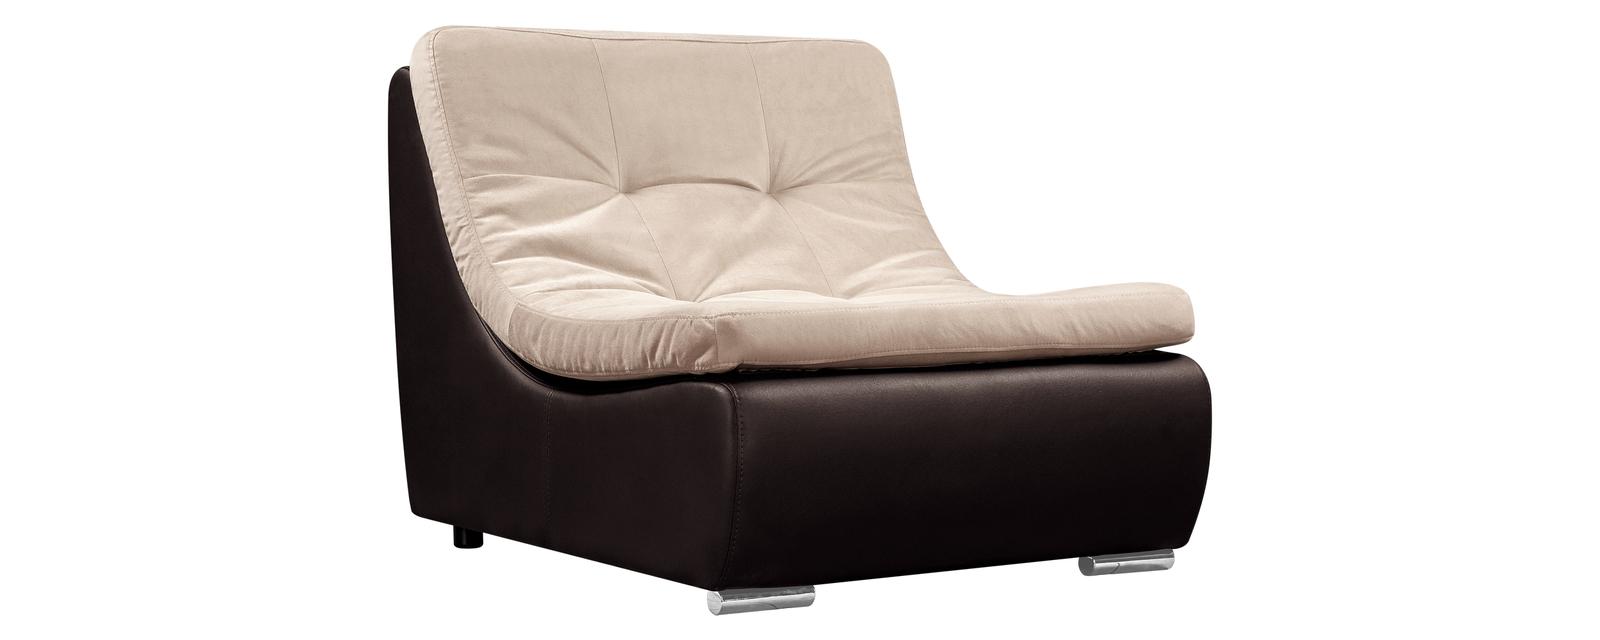 Кресло тканевое Лос-Анджелес Velure бежево-коричневый (Ткань + Экокожа)